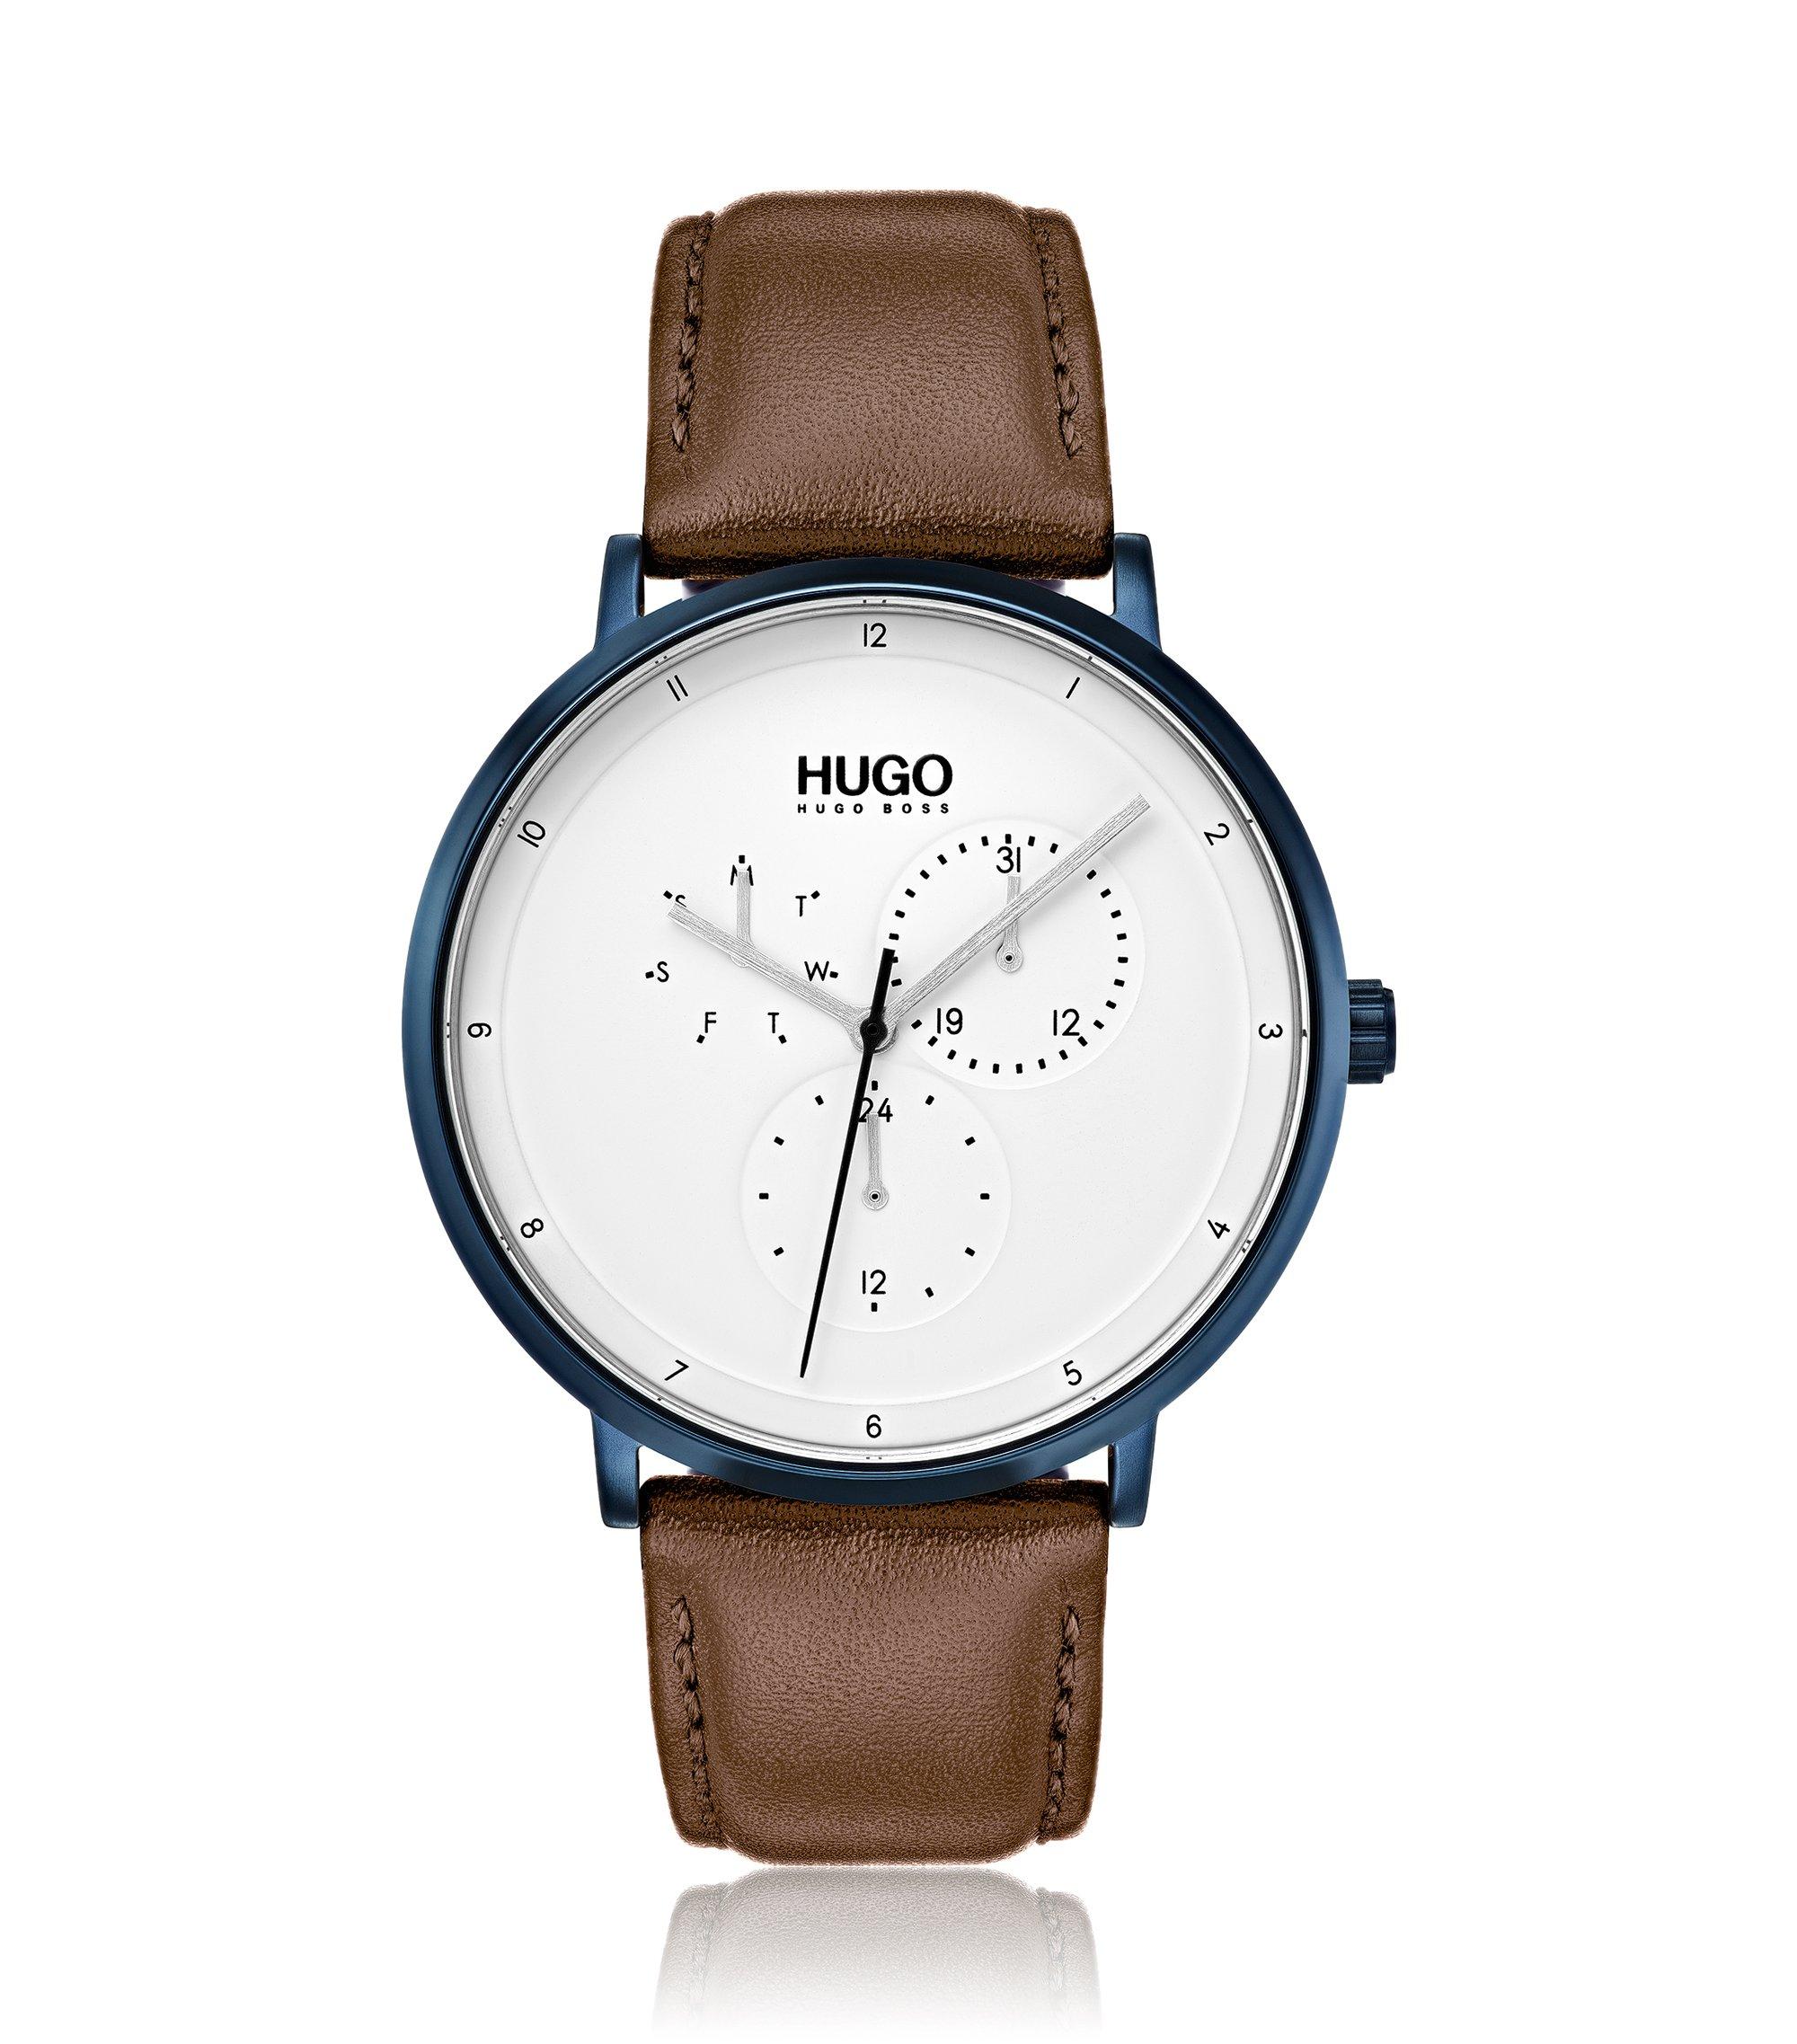 Reloj cronógrafo con correa de piel con textura, Beige